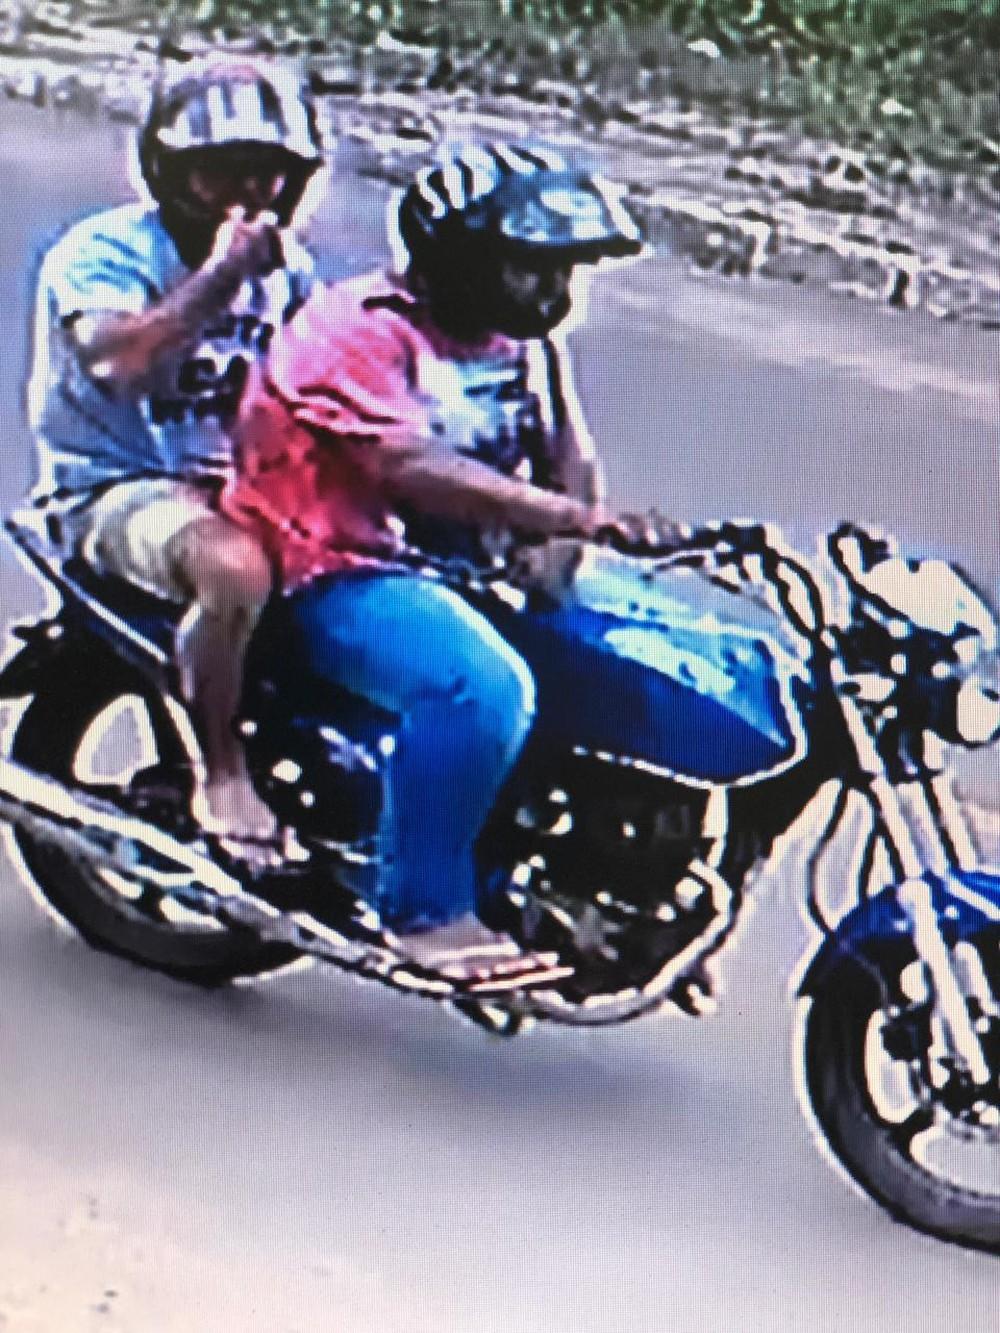 De acordo com a polícia, dupla é responsável por 7 roubos na região de Ponta Porã (MS). — Foto: Divulgação/Polícia Militar